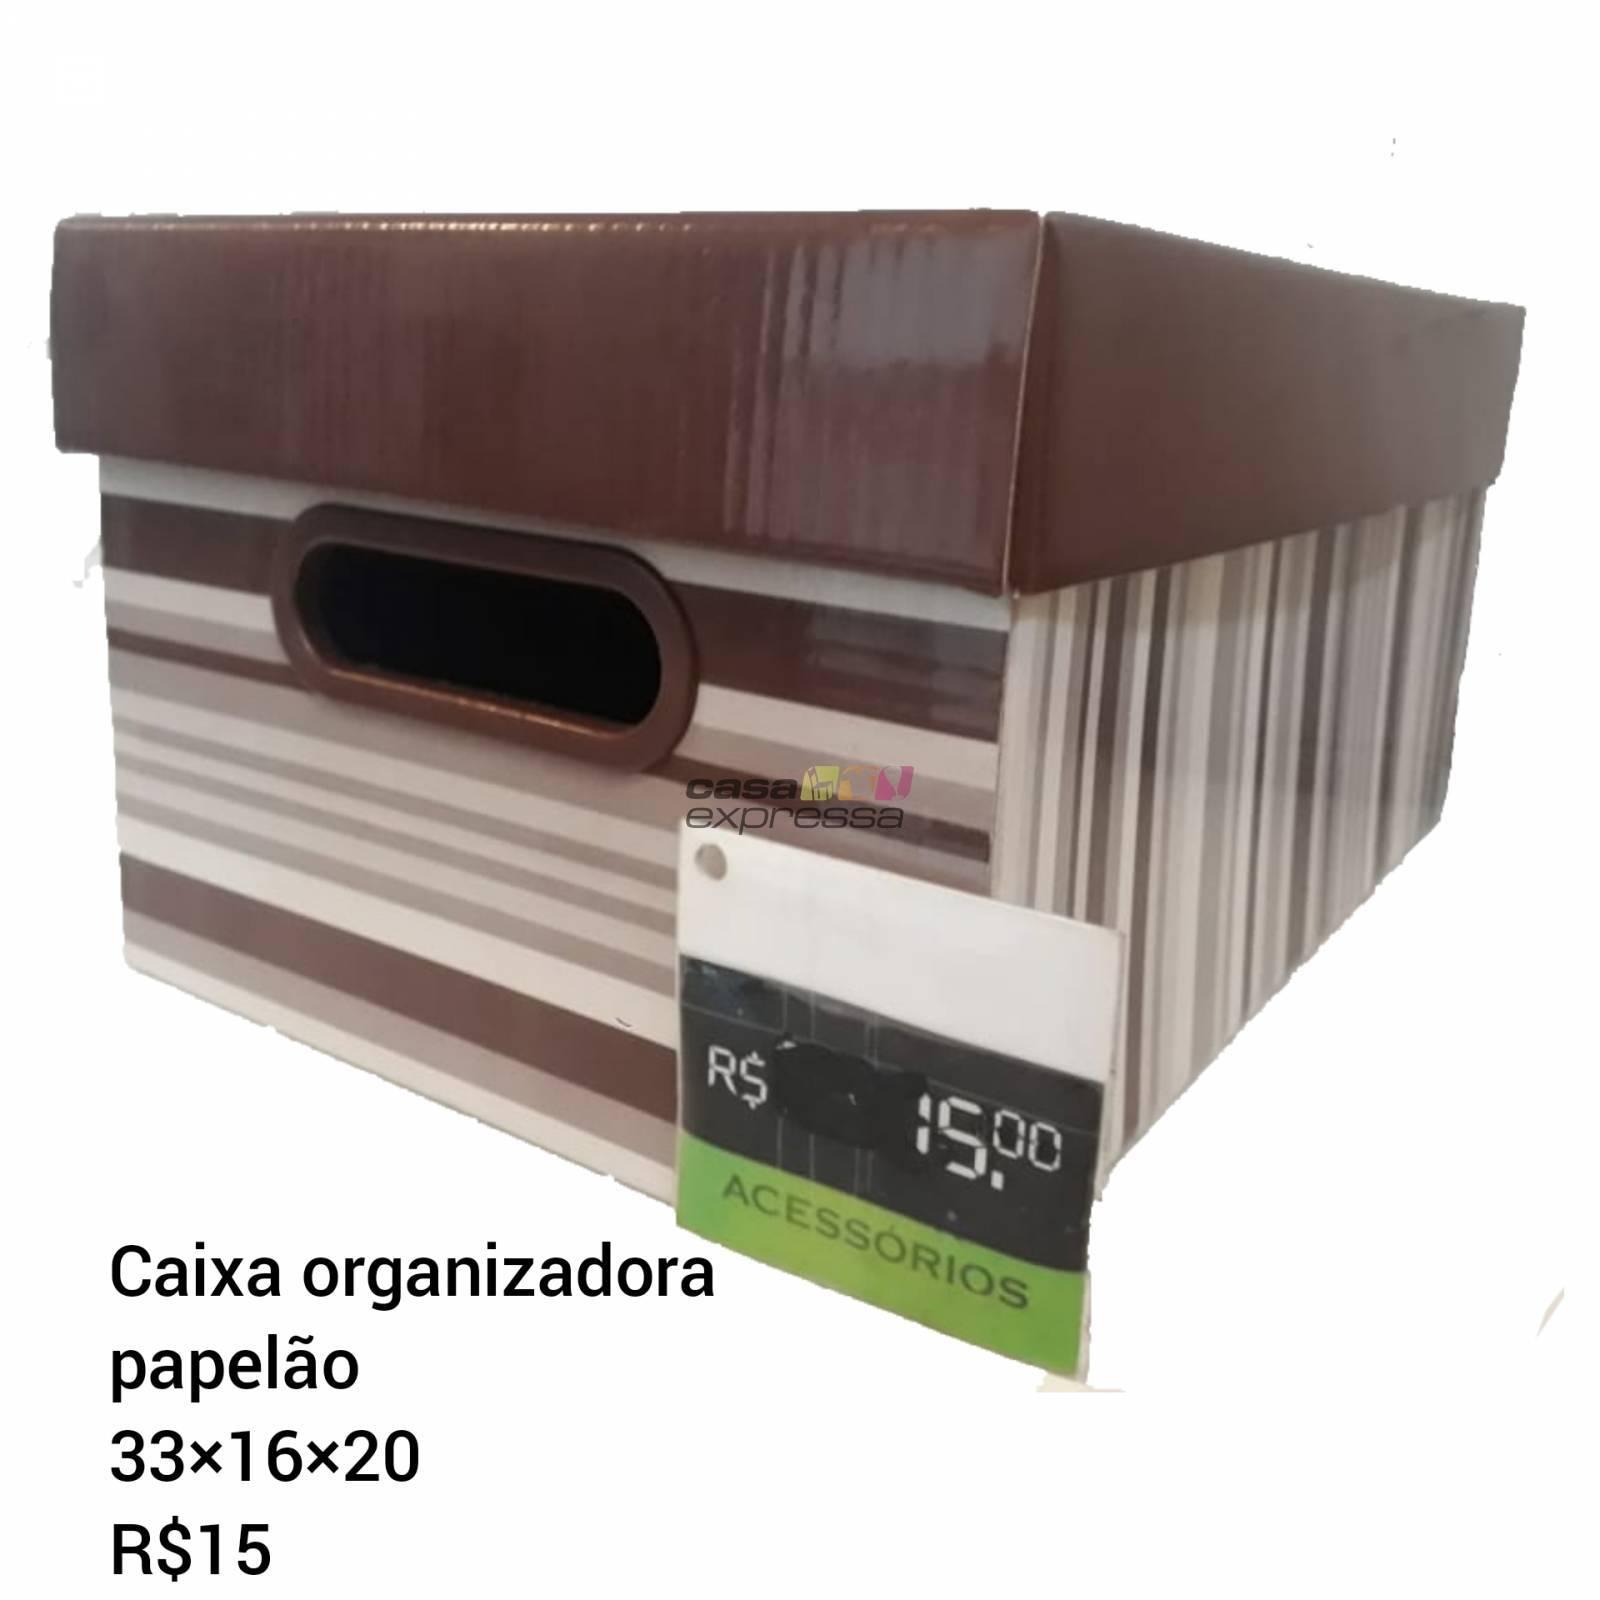 Caixa organizadora com tampa - CASA EXPRESSA